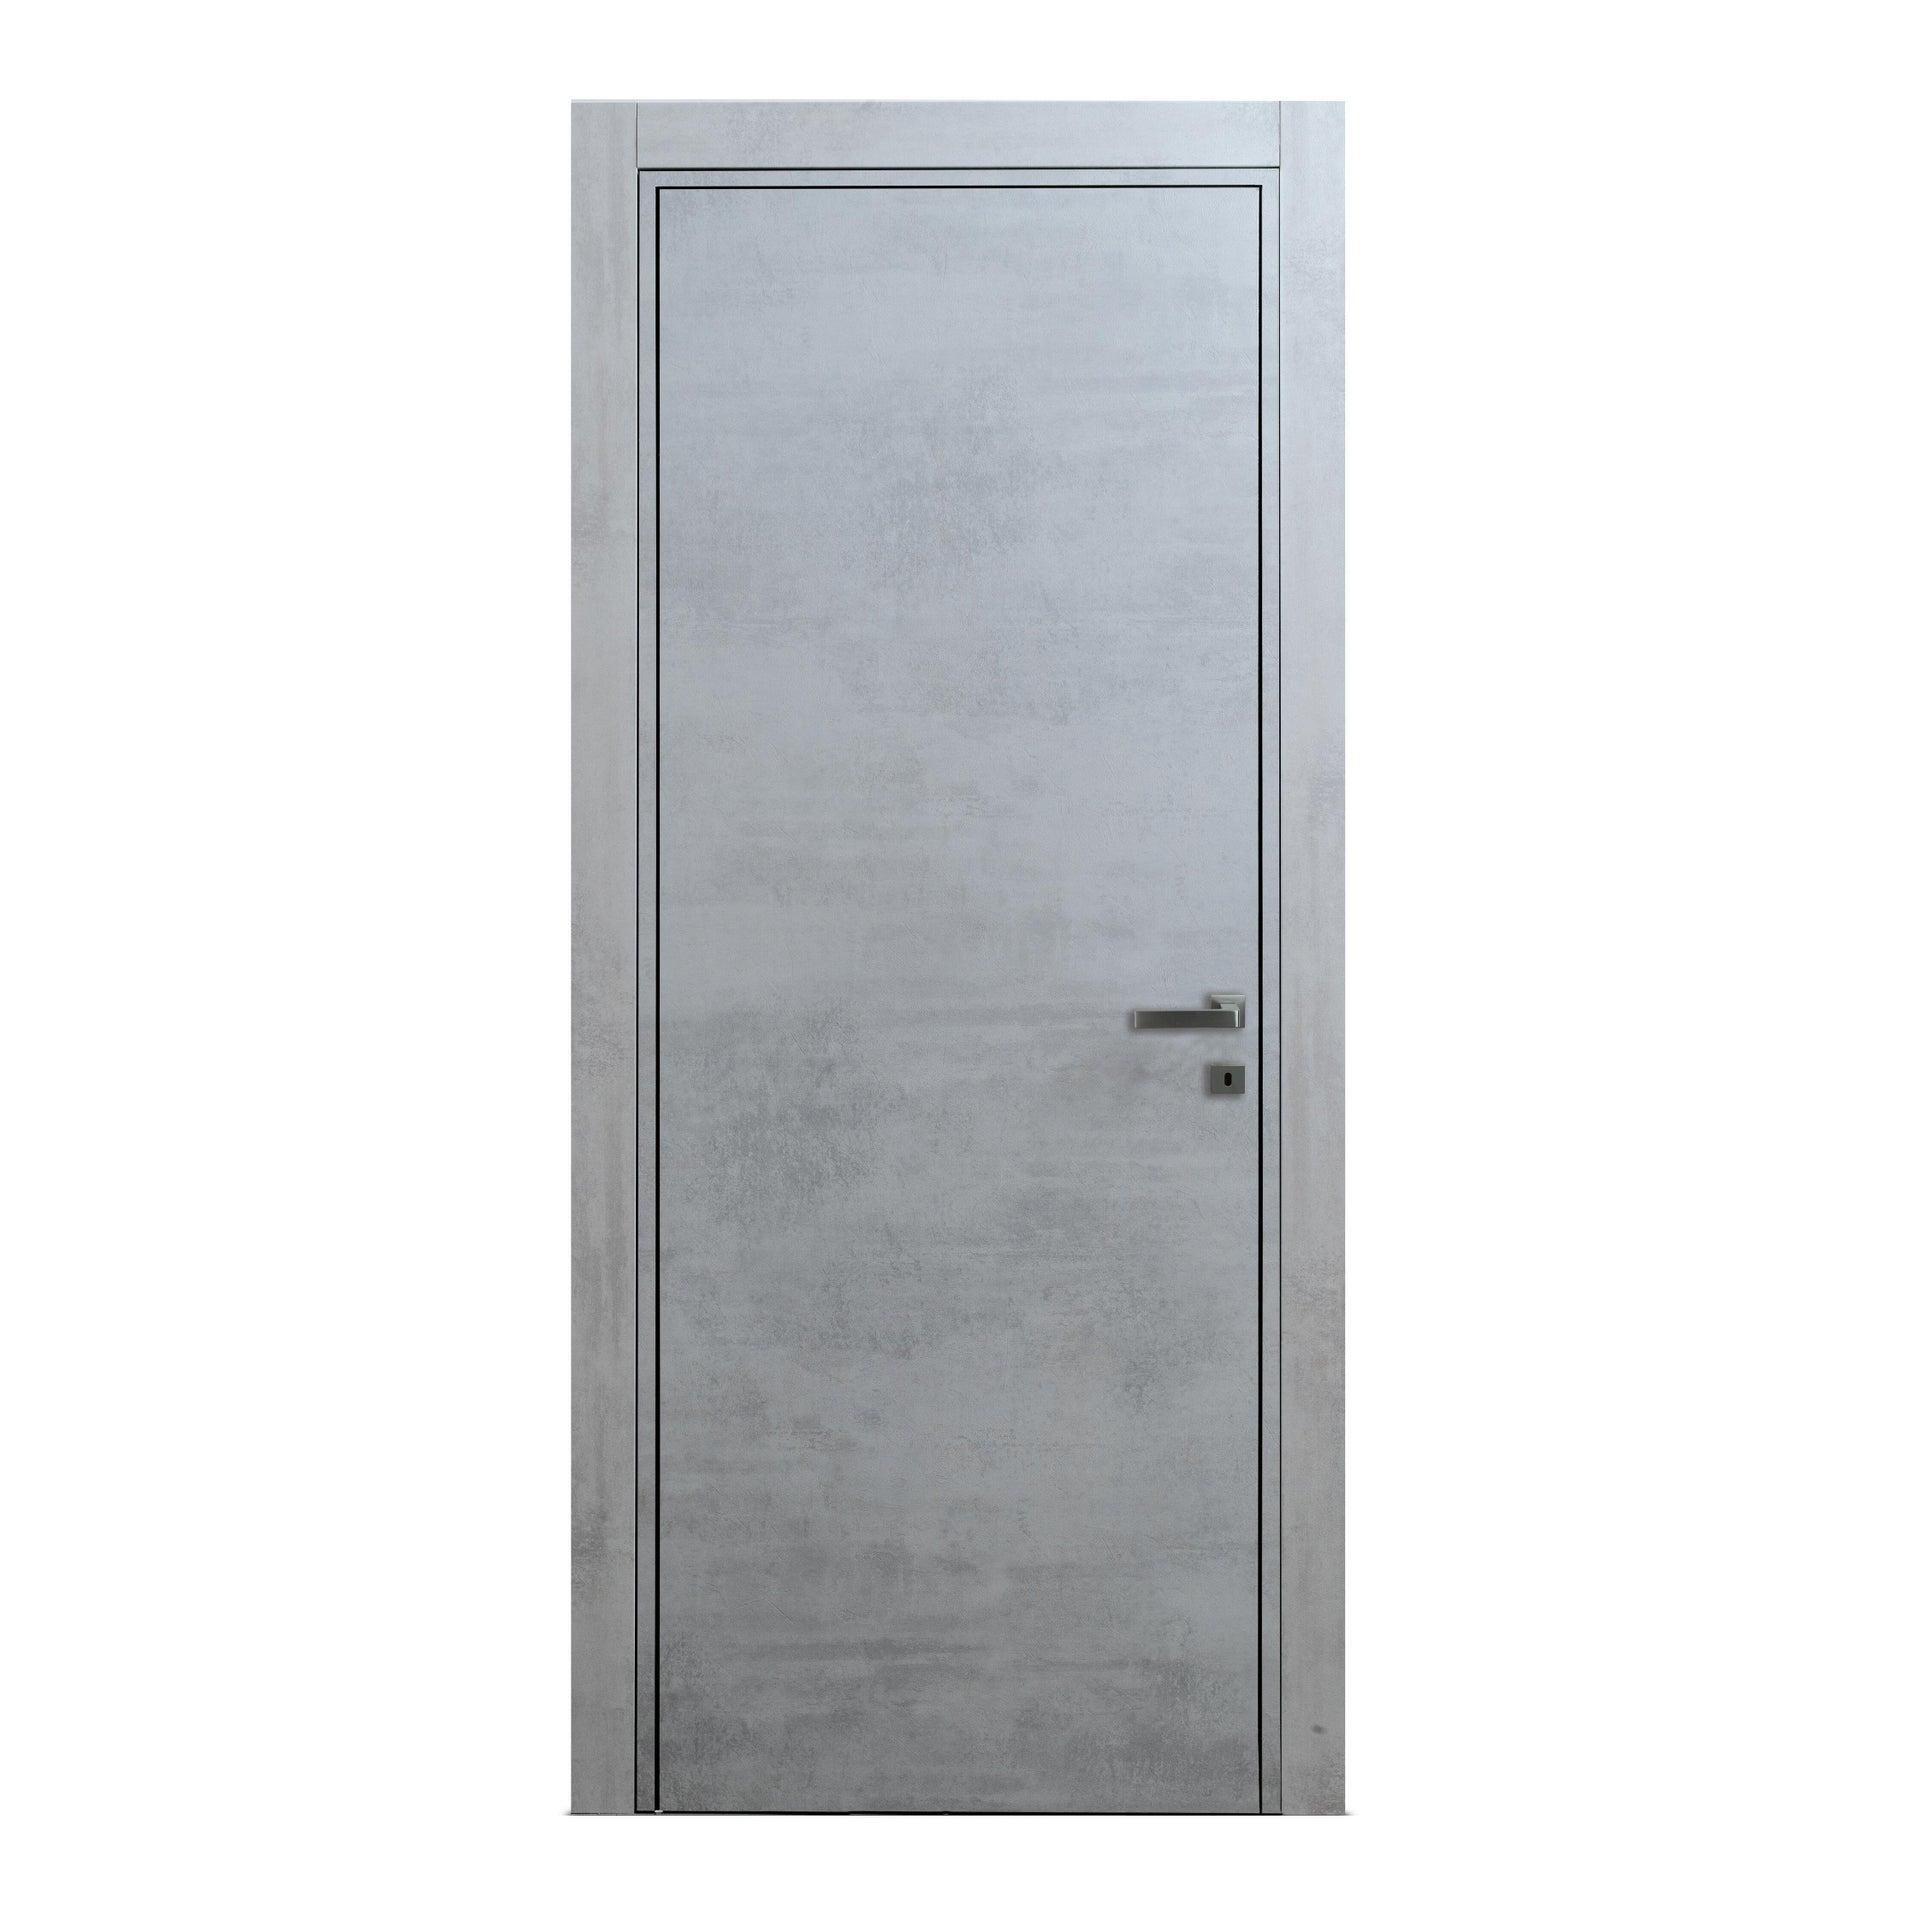 Porta a battente Naos cemento L 70 x H 210 cm reversibile - 4